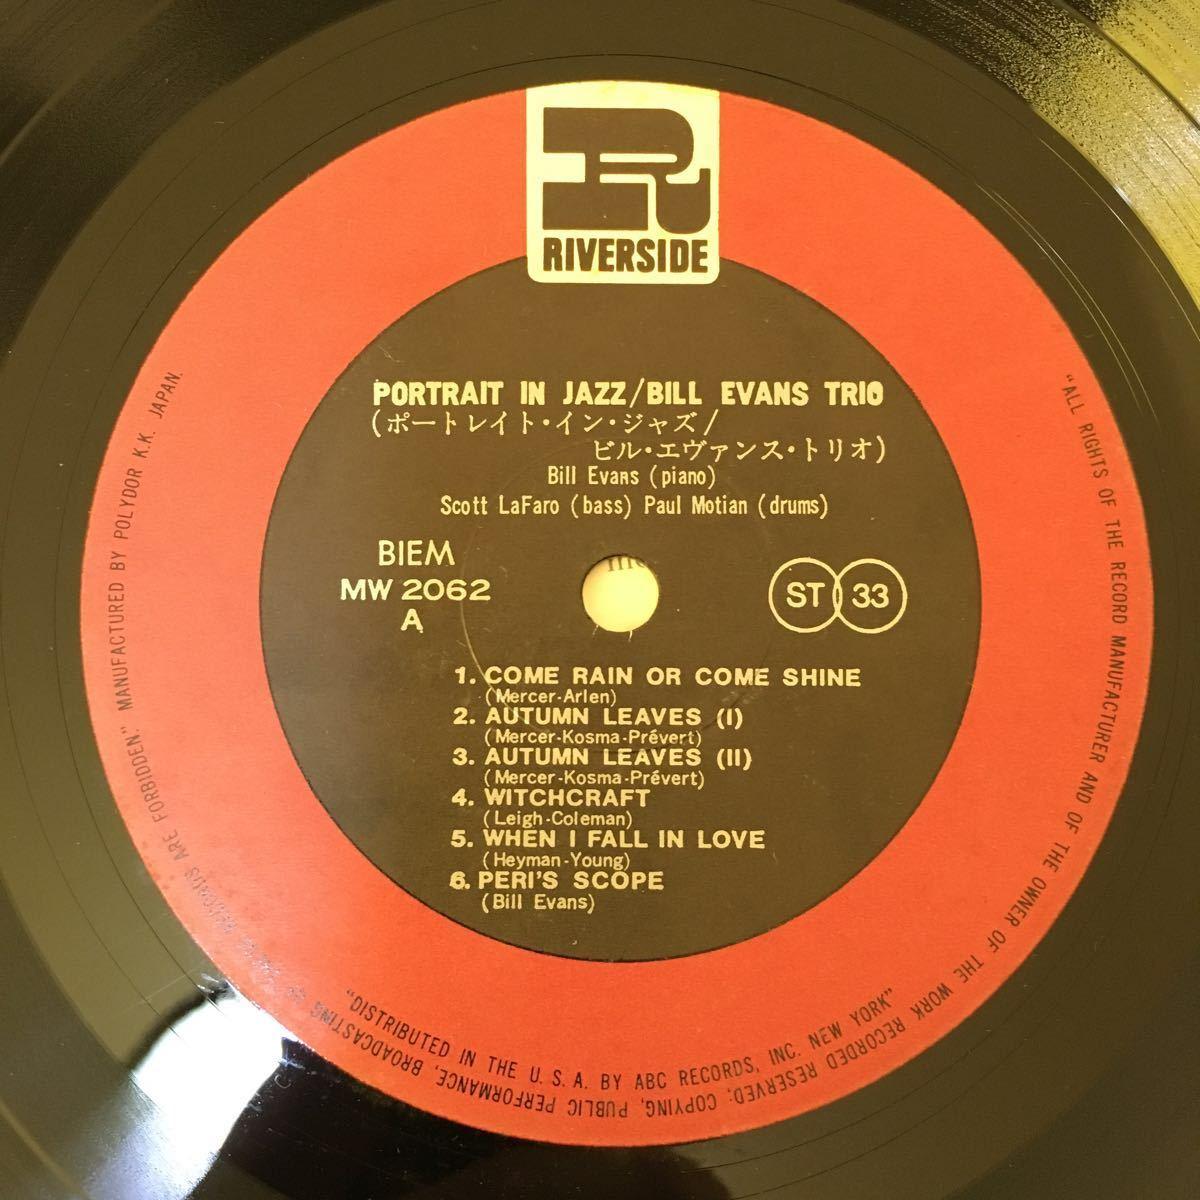 ☆盤面美品☆送料無料☆JAZZ LPレコード BILL EVANS Trio PORTRAIT IN JAZZ ビル エヴァンス トリオ/ポートレイト イン ジャズ_画像8